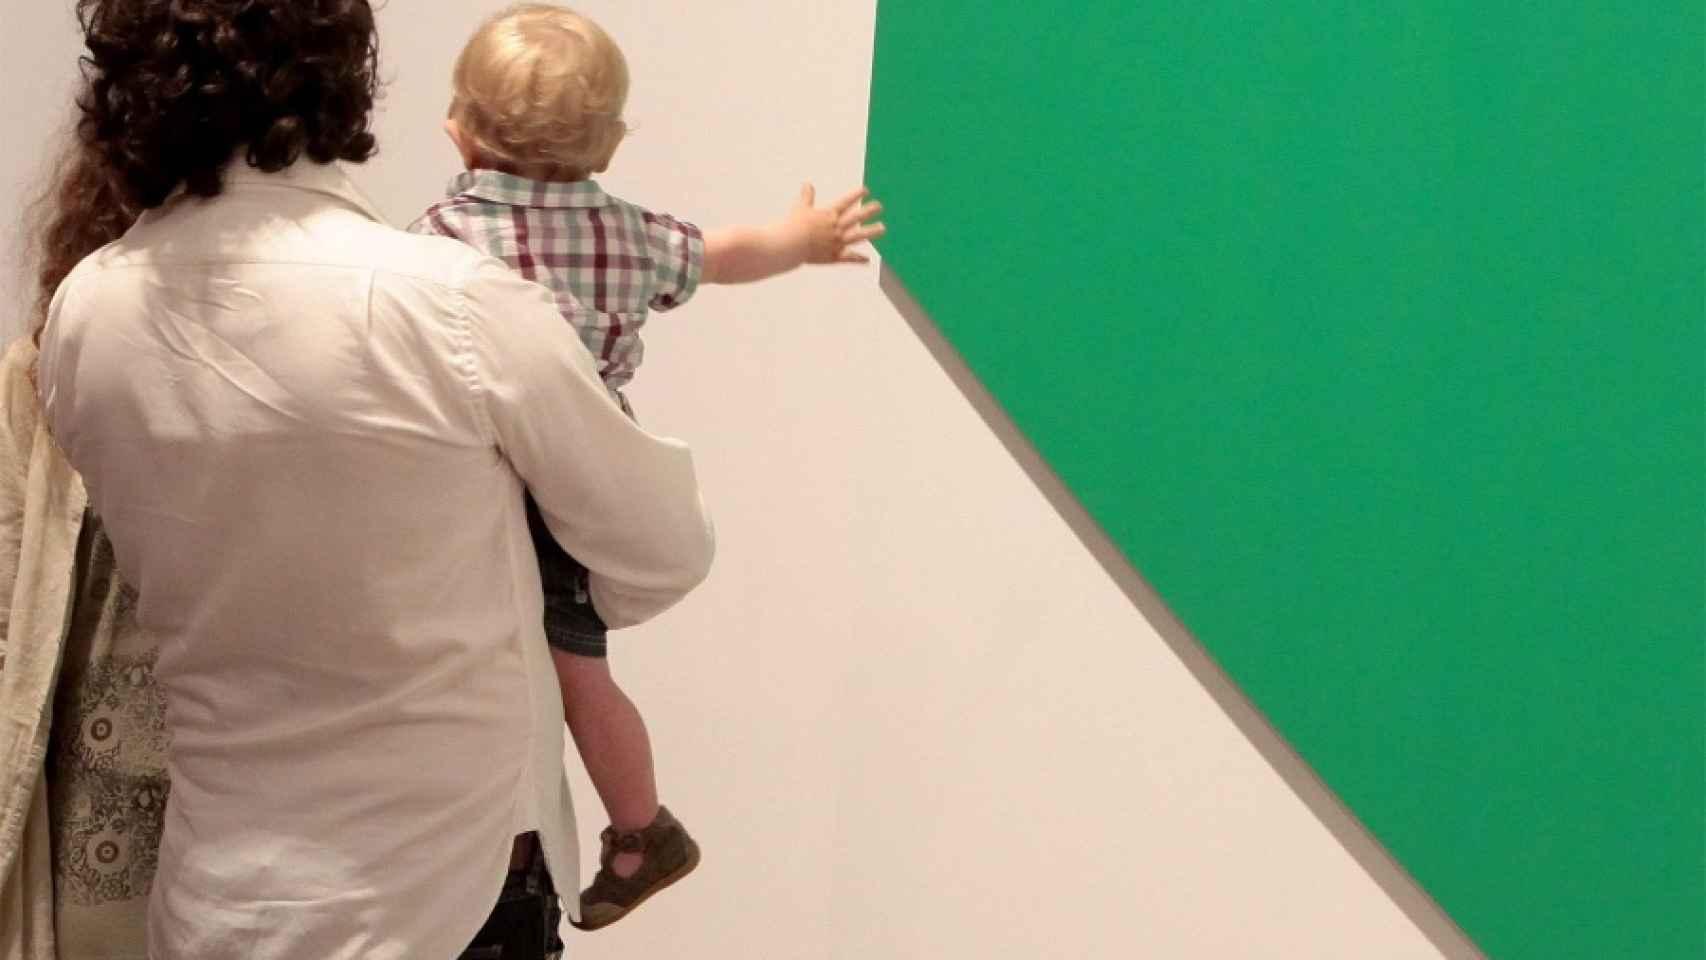 El pintor pretendía el placer para los espectadores.